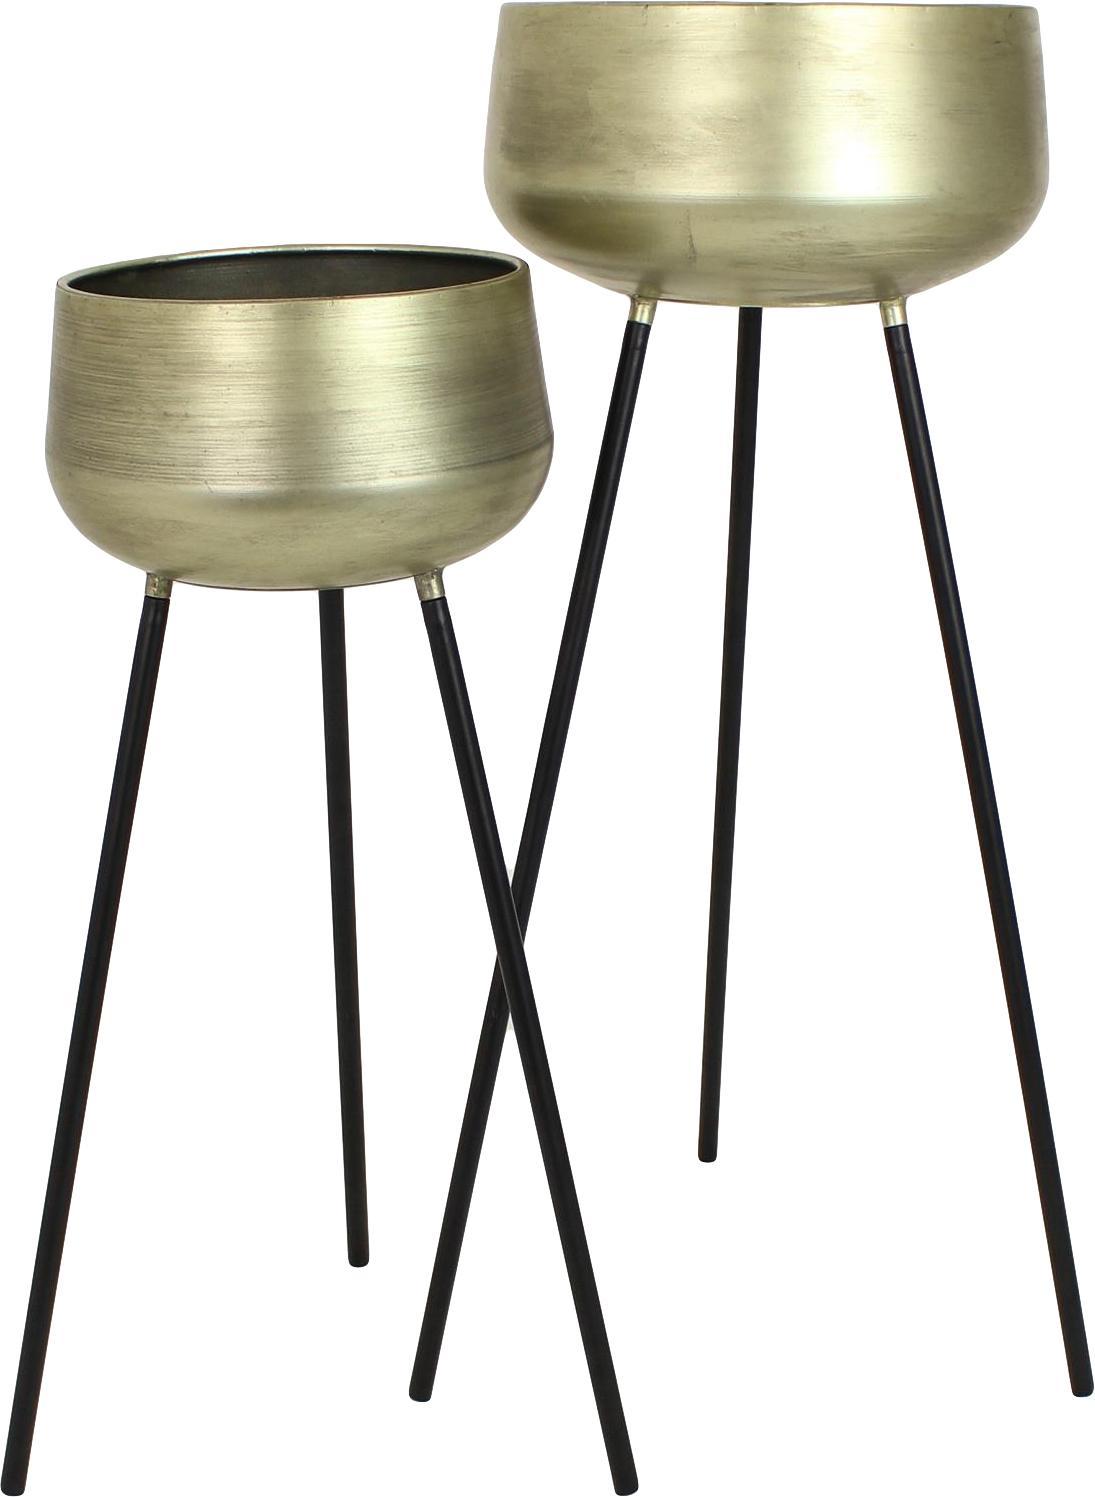 Übertopfe-Set Chimp, 2-tlg., Metall, beschichtet, Messingfarben, Schwarz, Sondergrößen